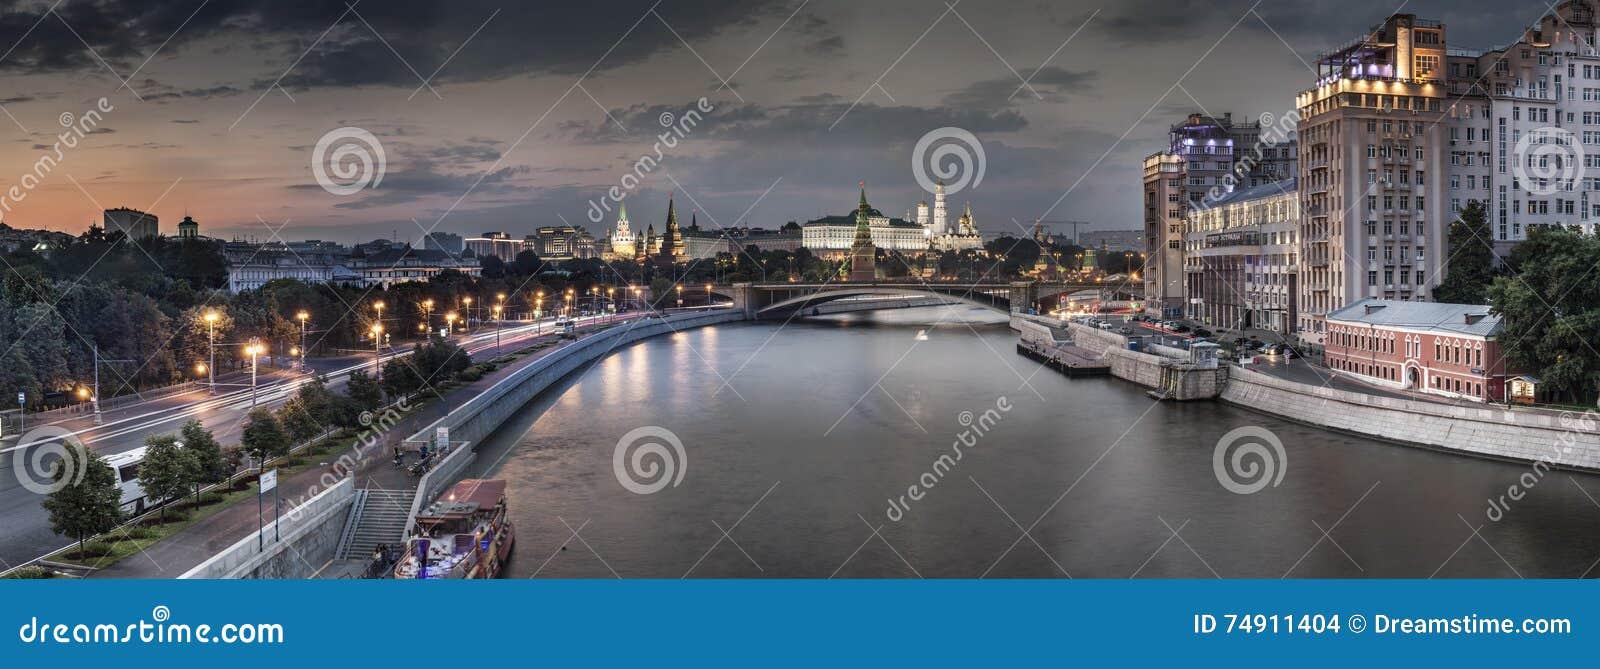 Μεγάλο πανόραμα της Μόσχας